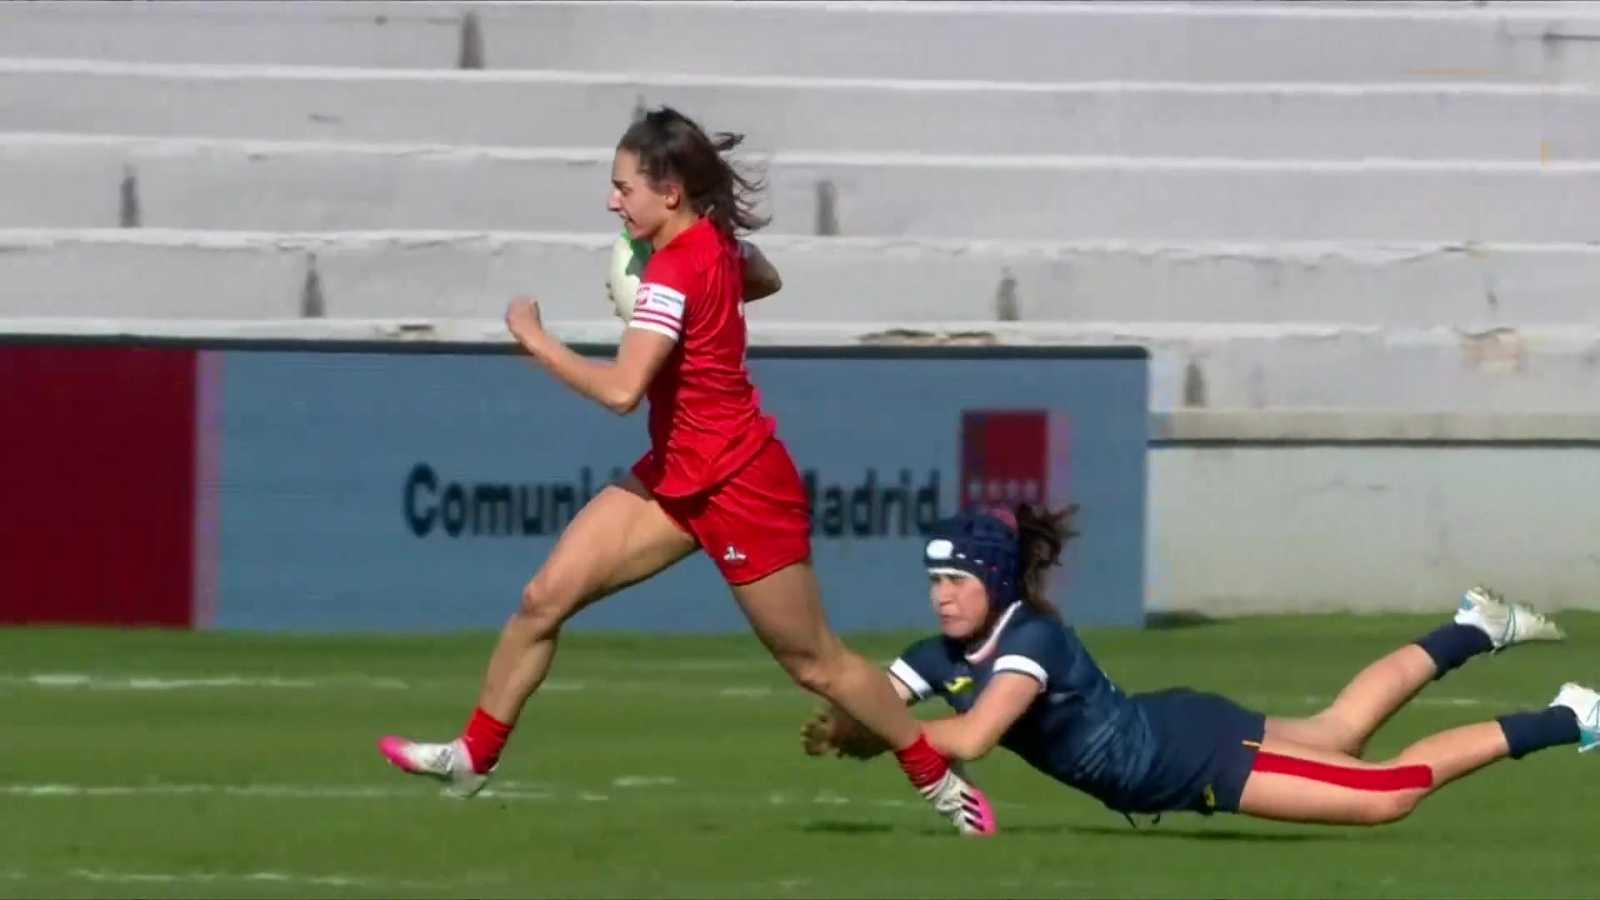 Rugby - Torneo  Sevens (femenino): 3º y 4º puesto - ver ahora